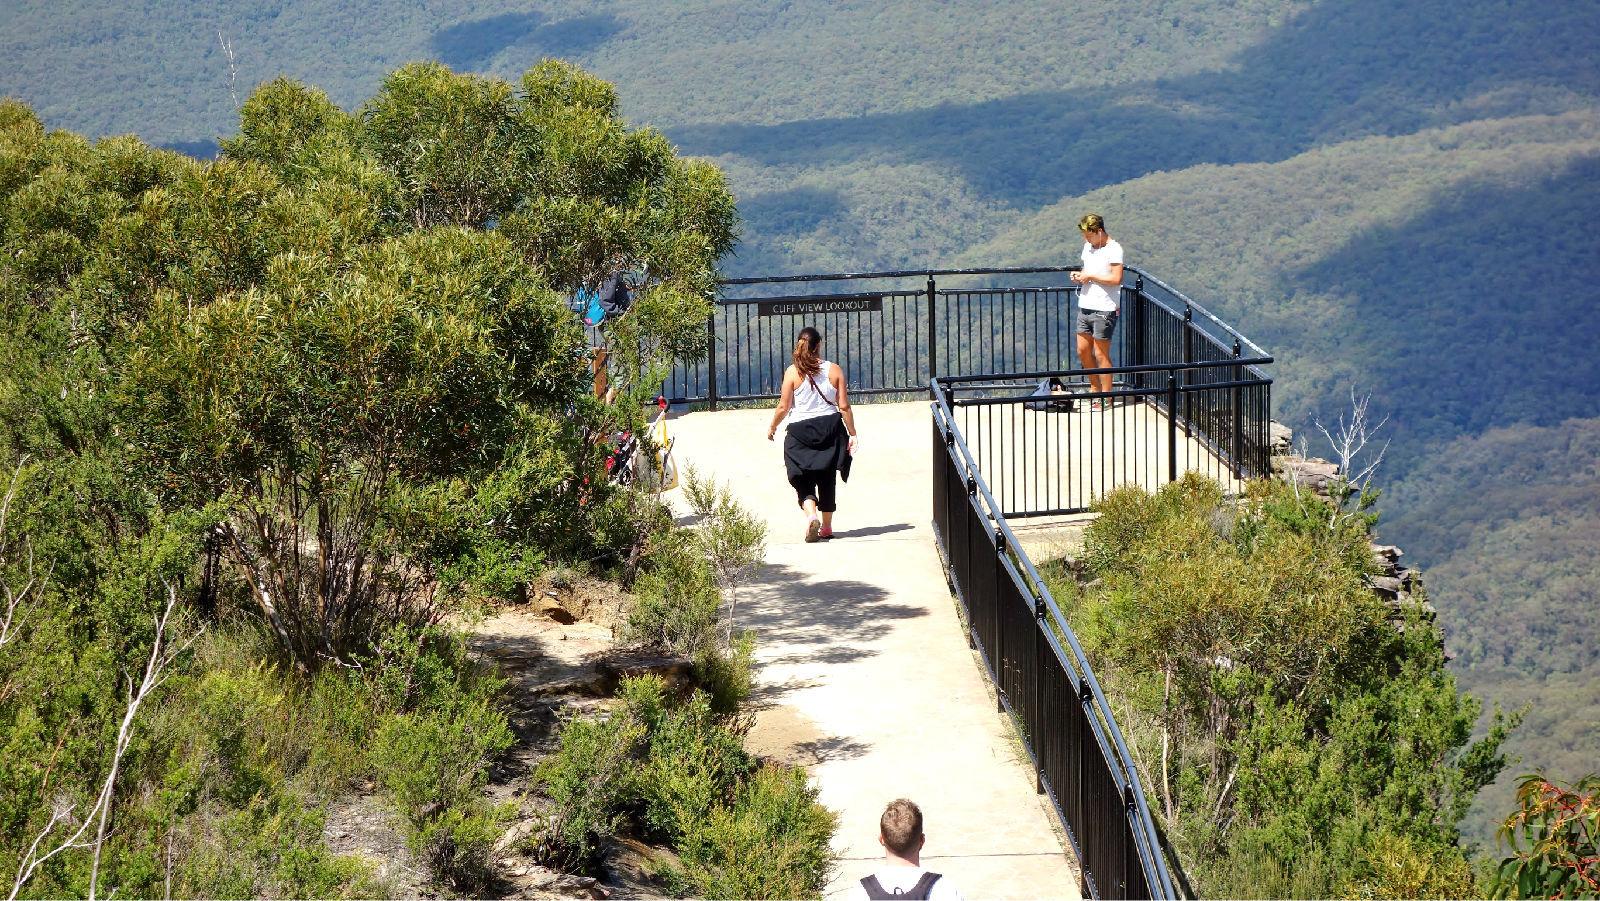 澳大利亚旅游攻略图片418